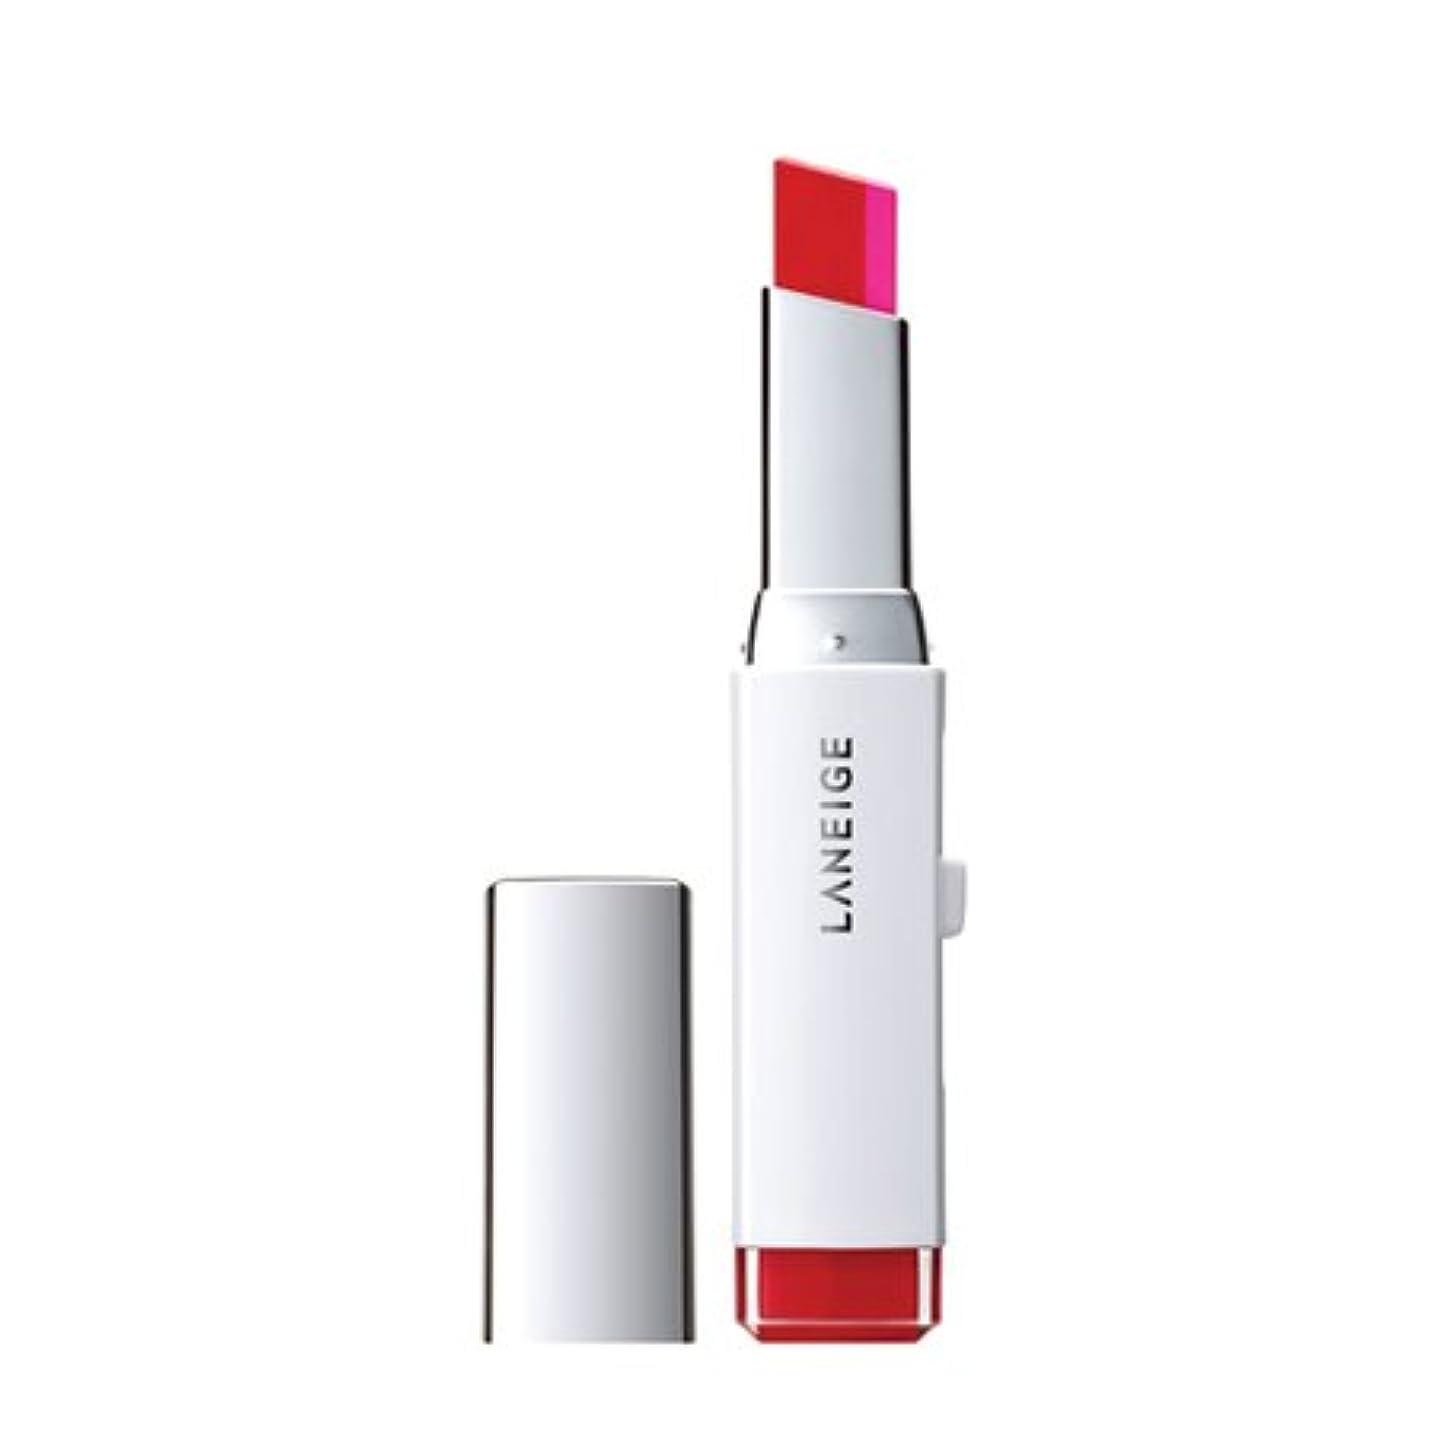 以来論文新年ラネージュ(LANEIGE)ツートーンリップバー(Two tone lip bar)2g カラー:5号 ダリングダーリン